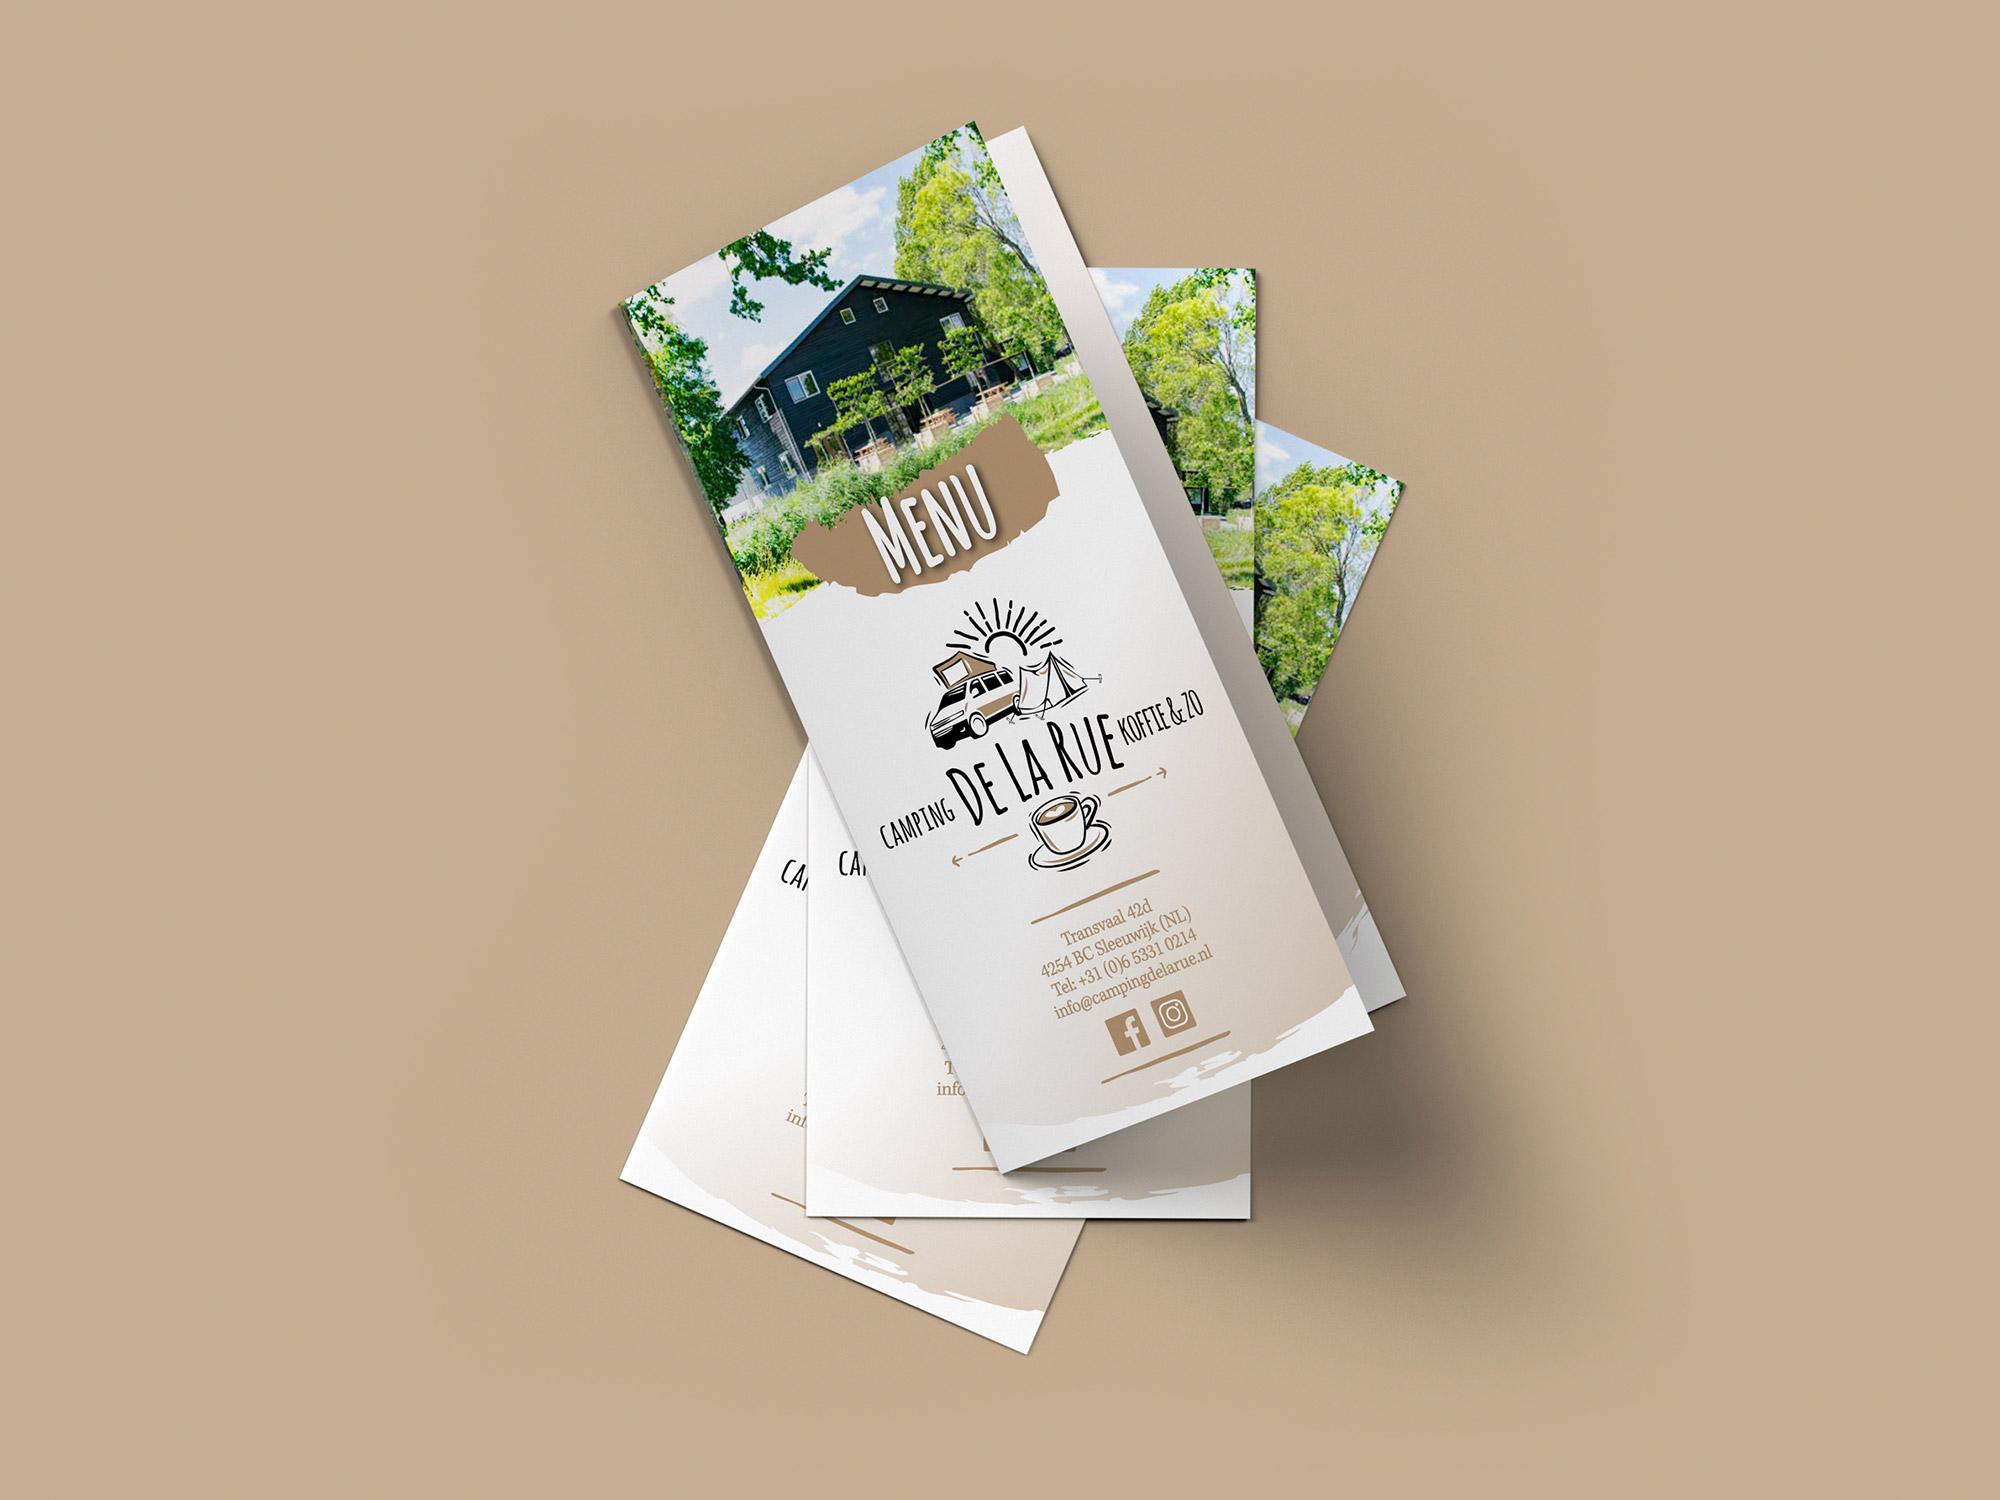 De La Rue menukaarten